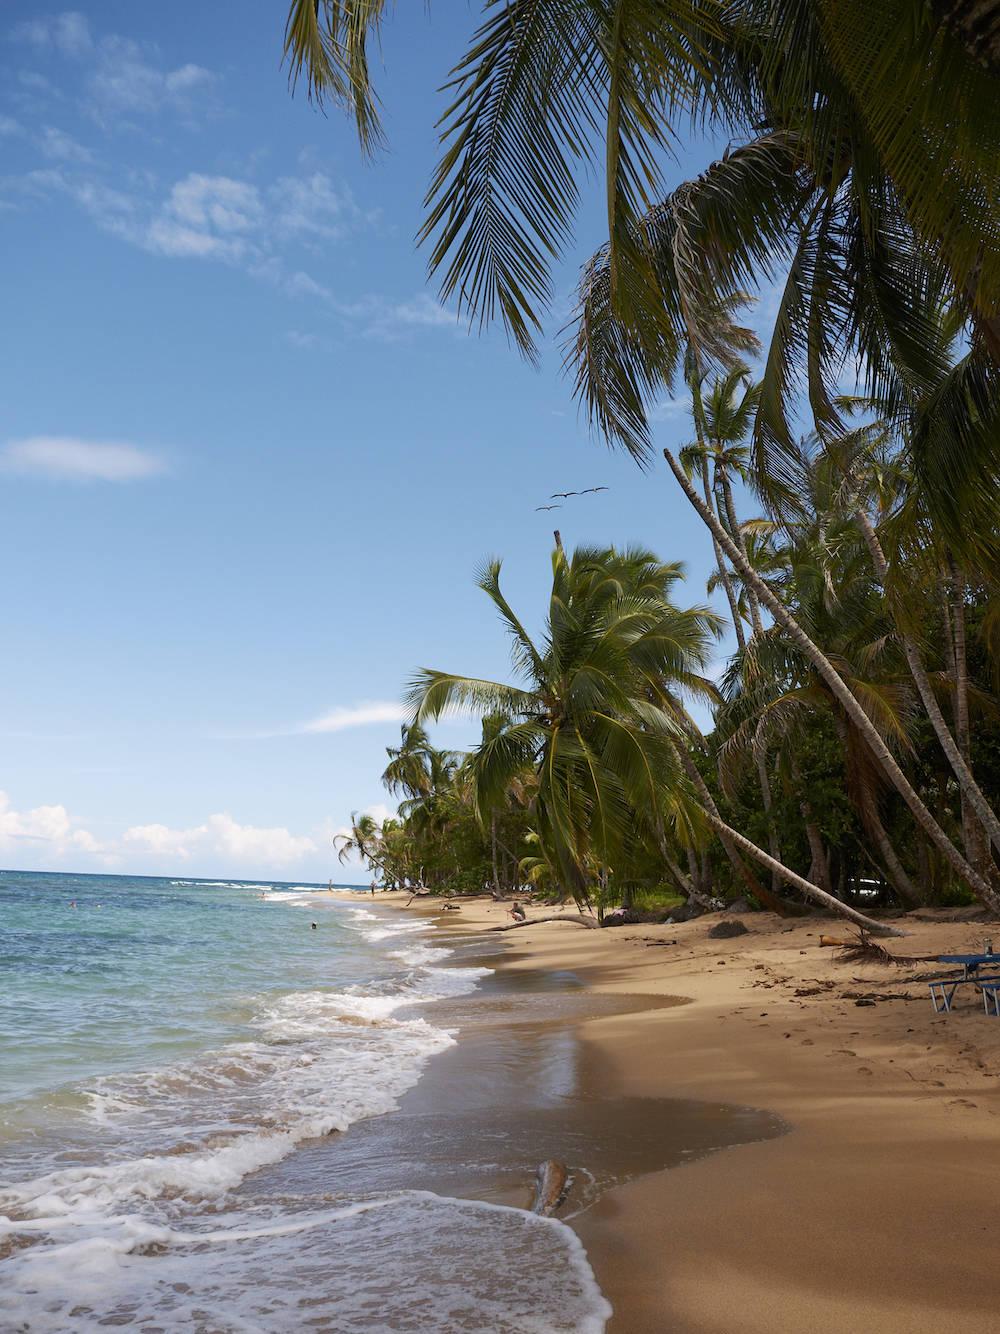 Urlauber Ranking 2018 Die 25 Besten Strande Der Welt Travelbook